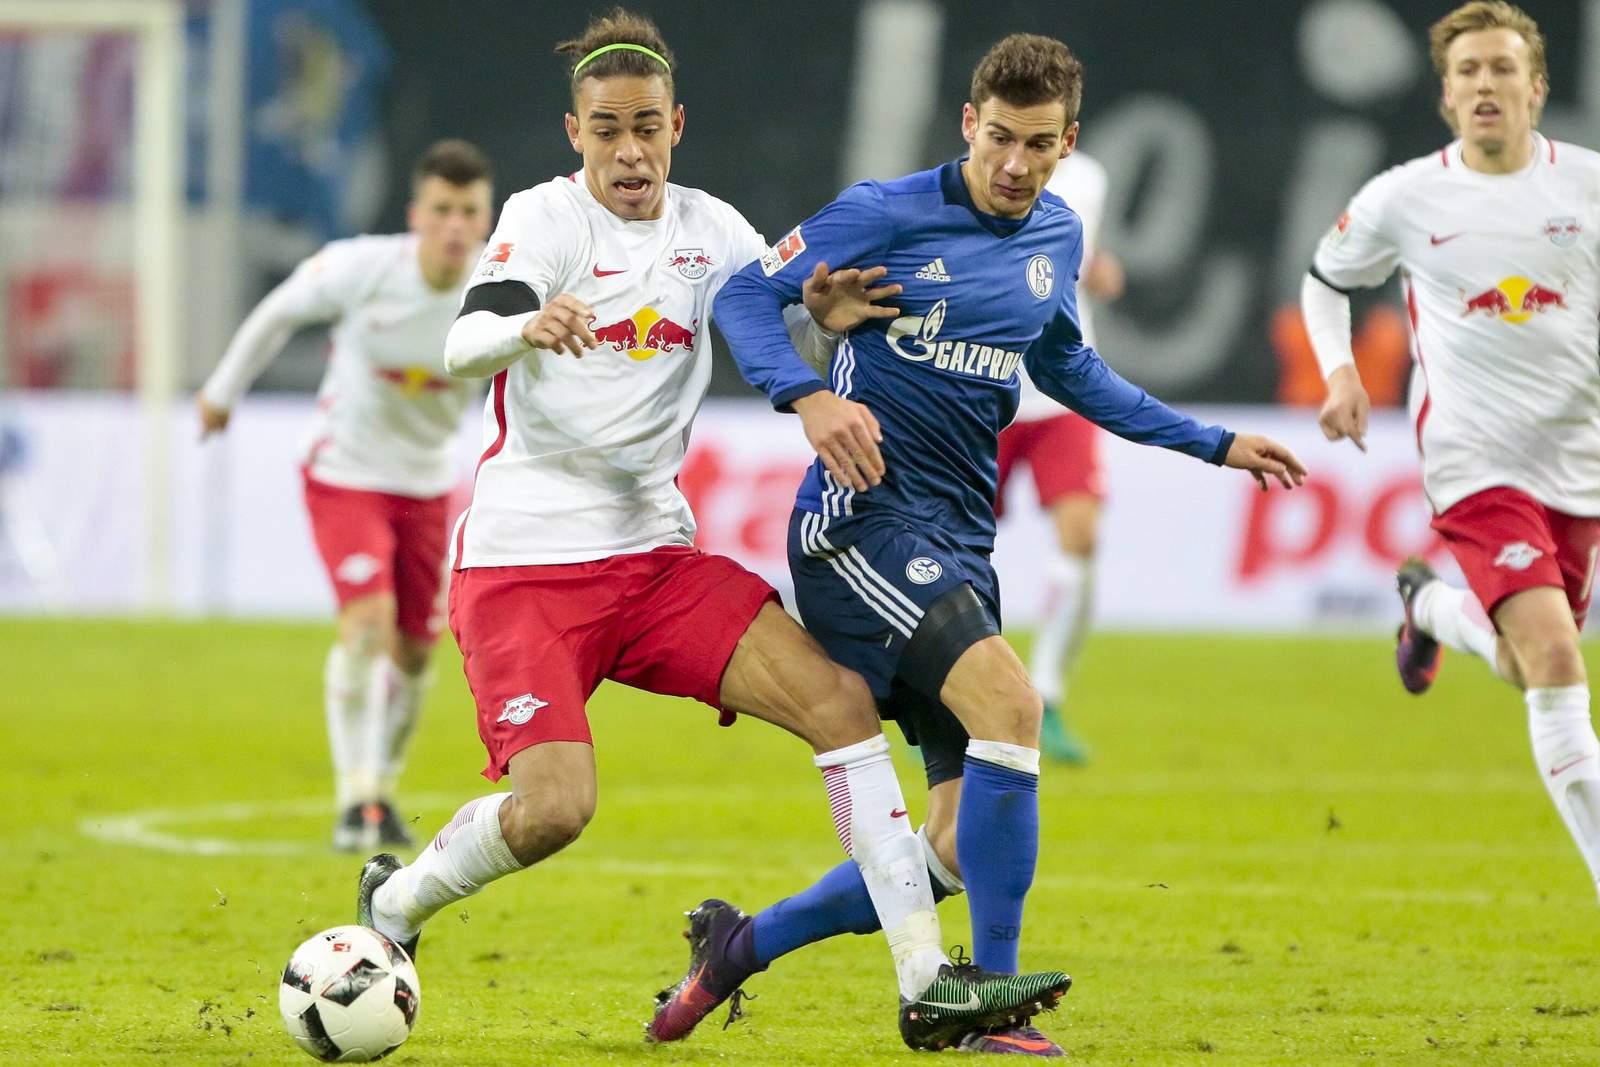 Yussuf Poulsen im Duell mit Leon Goretzka. Jetzt auf die Partie Red Bull Leipzig gegen Schalke 04 wetten